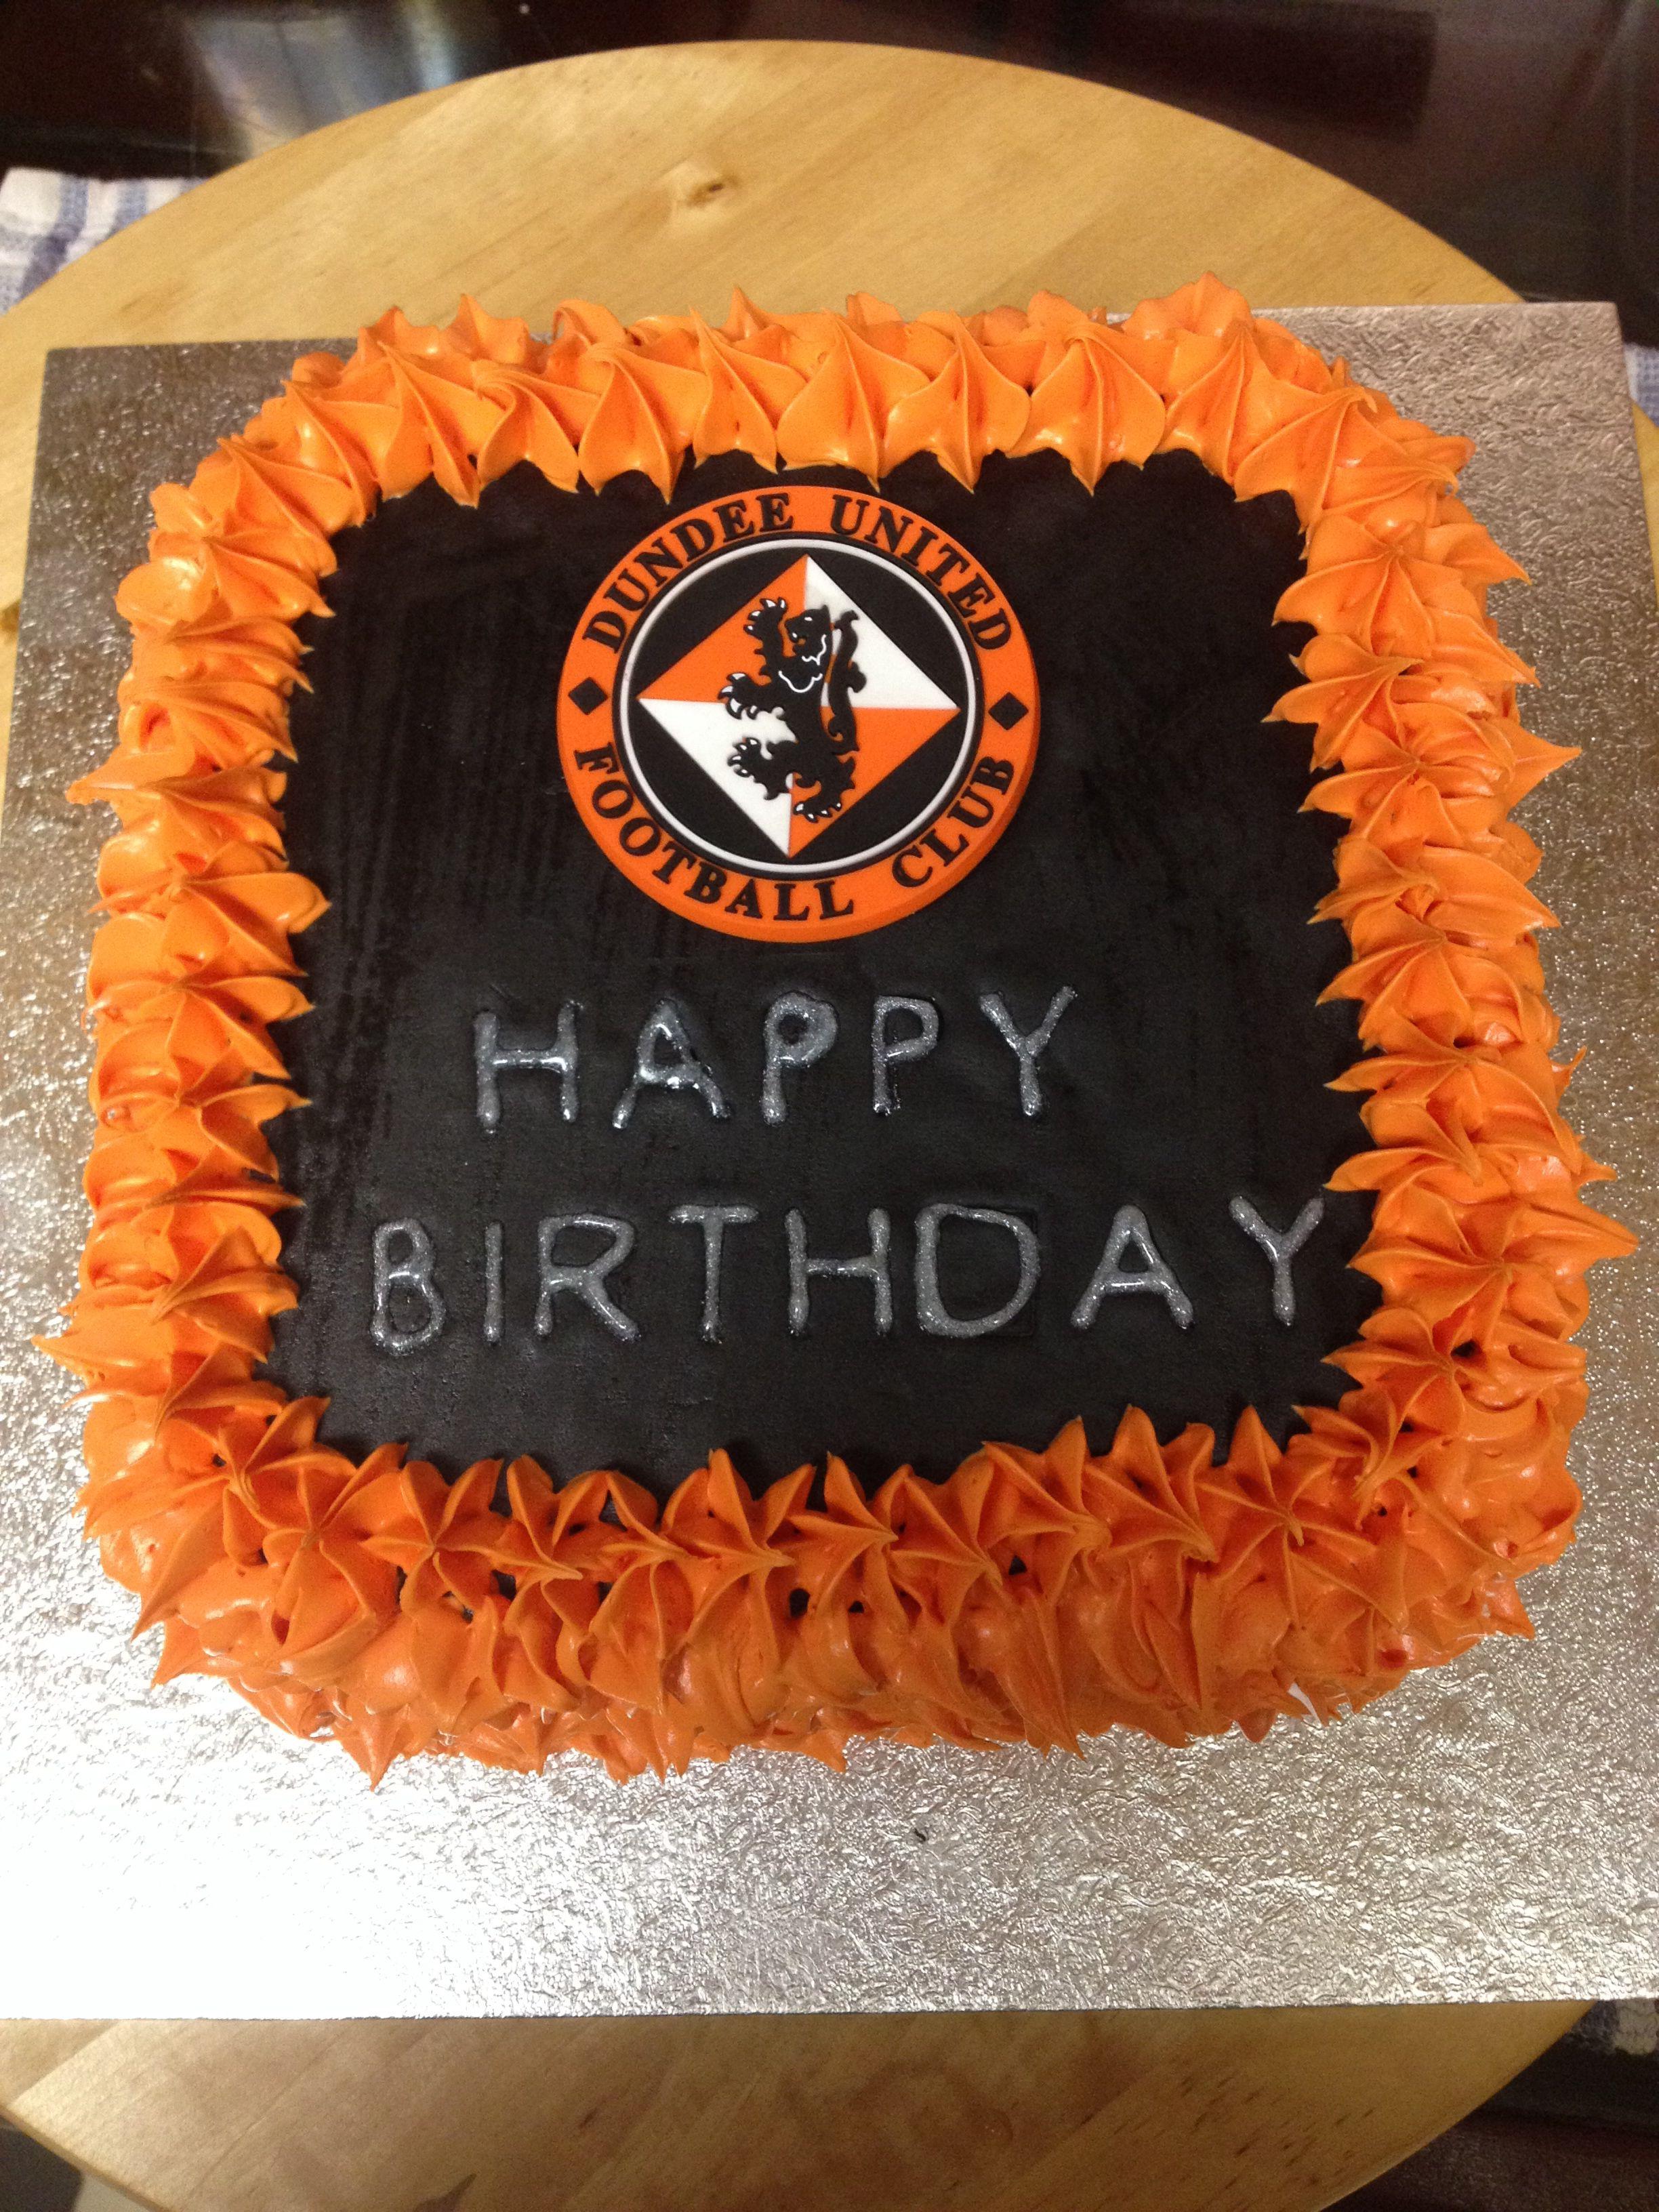 Dundee united cake my cakes pinterest dundee united dundee united cake publicscrutiny Images